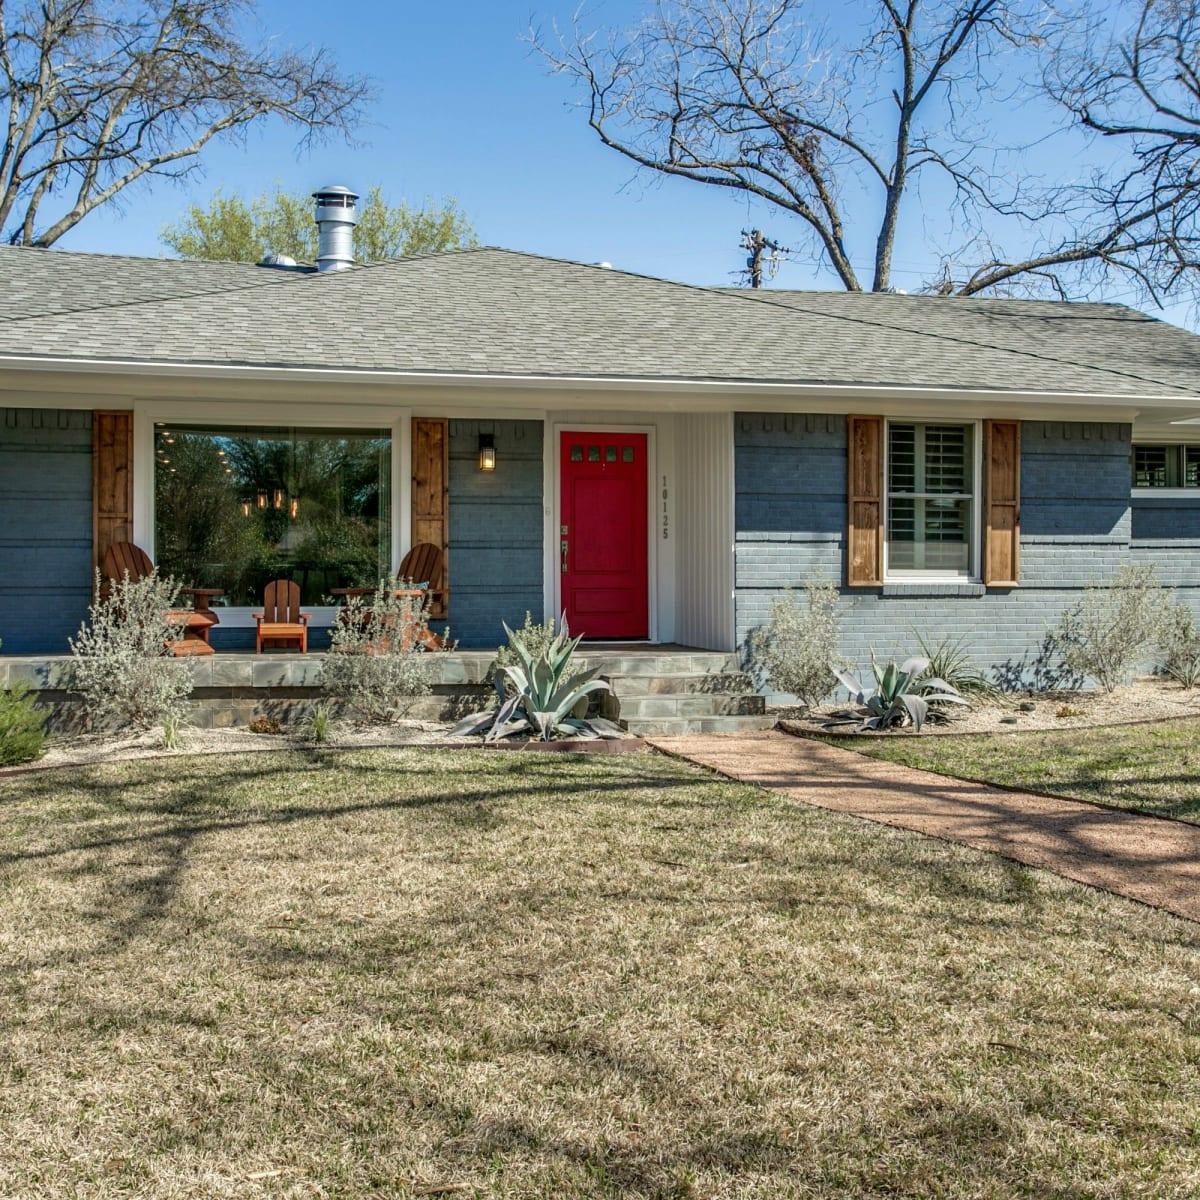 10125 Lanshire Dr Dallas house for sale